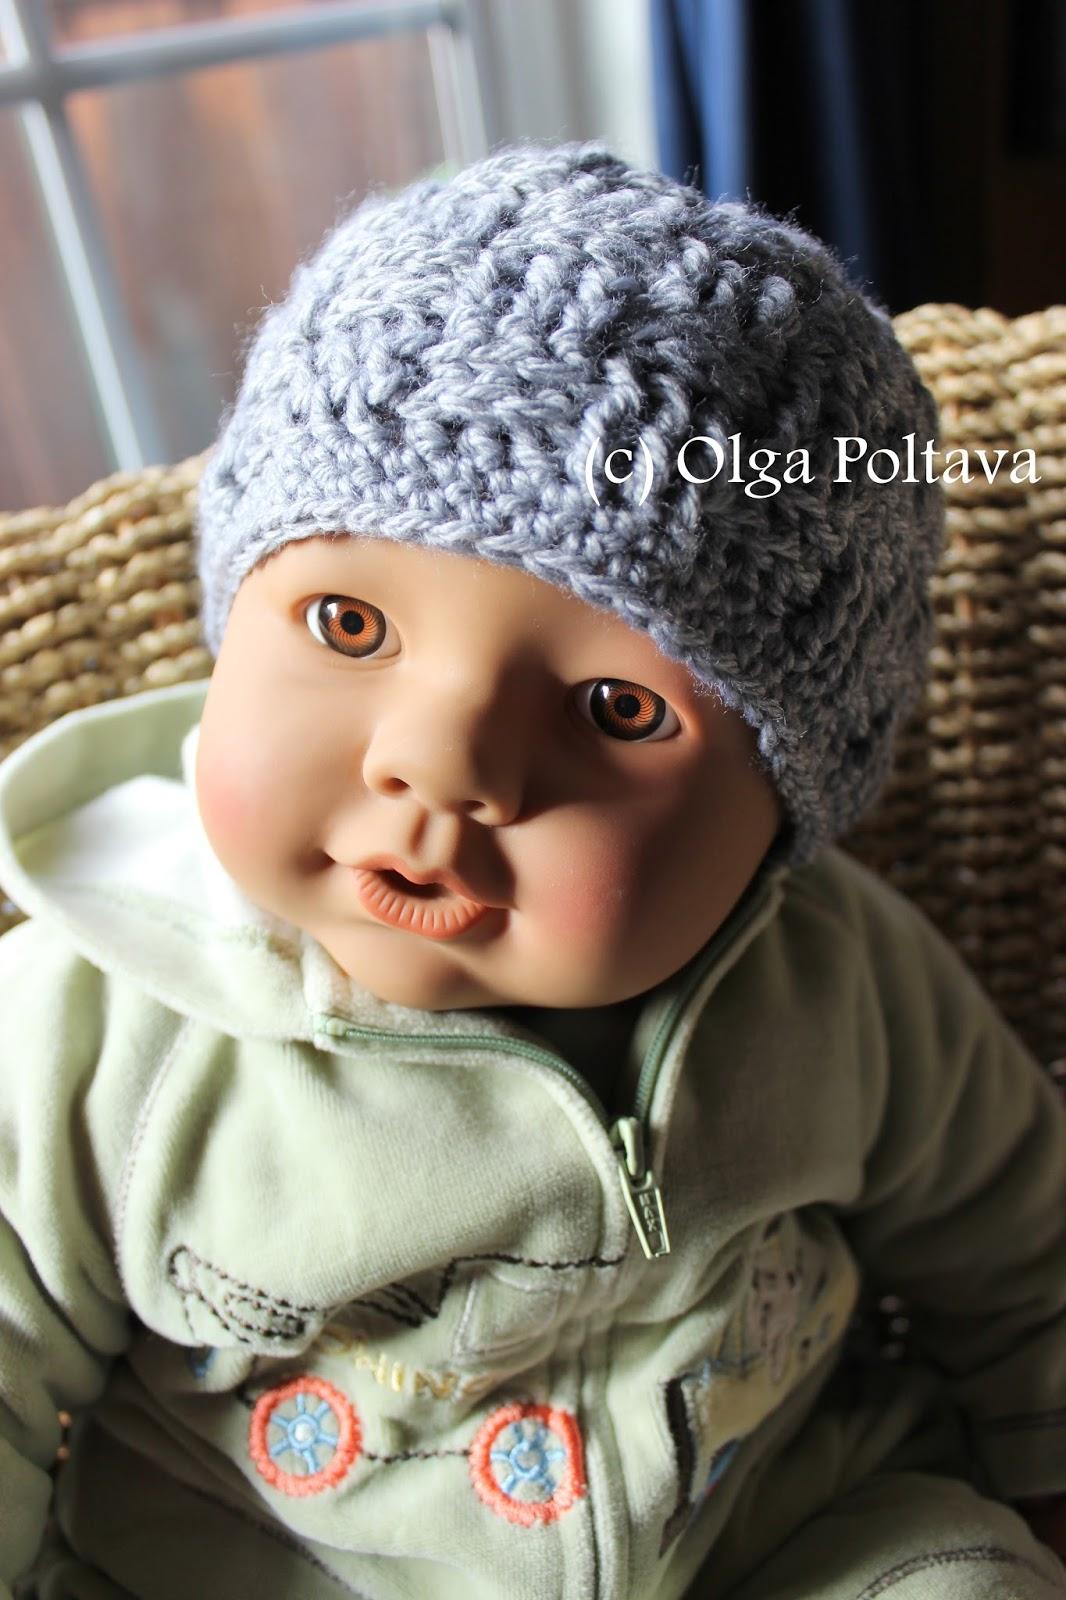 lacy crochet: basketweave baby hat, free crochet pattern